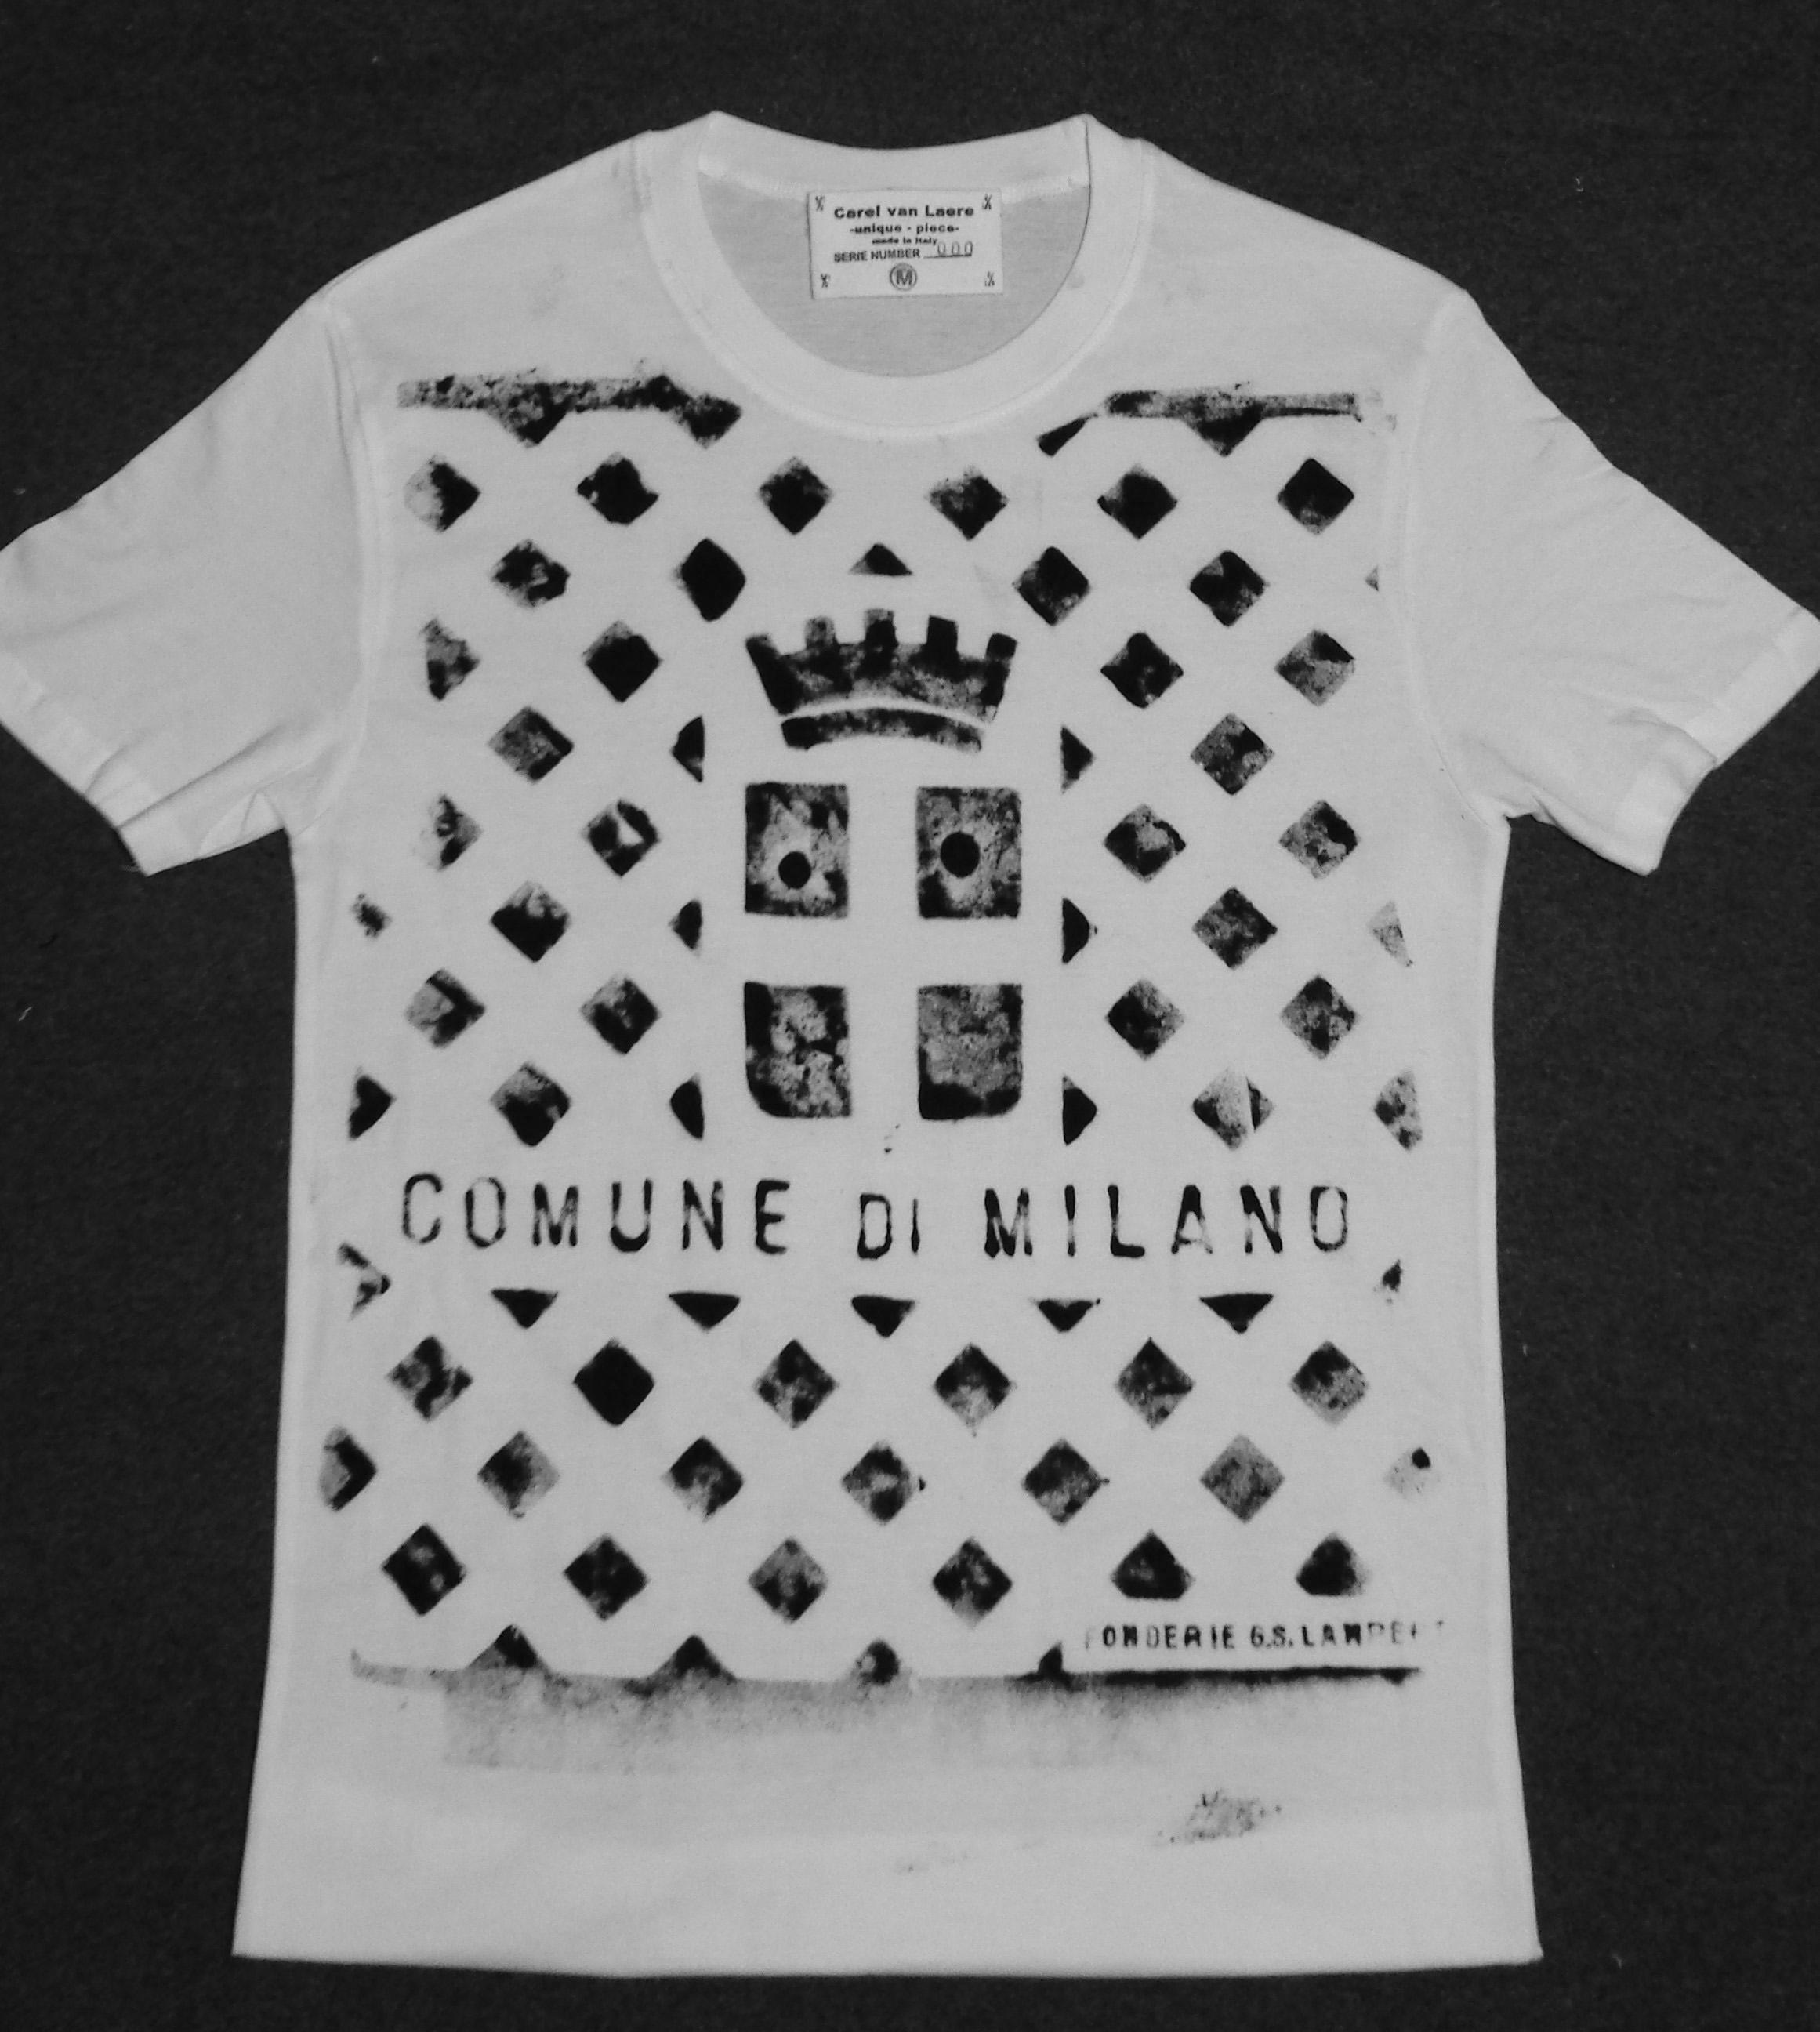 TOMBINO T COMUNE DI MILANO